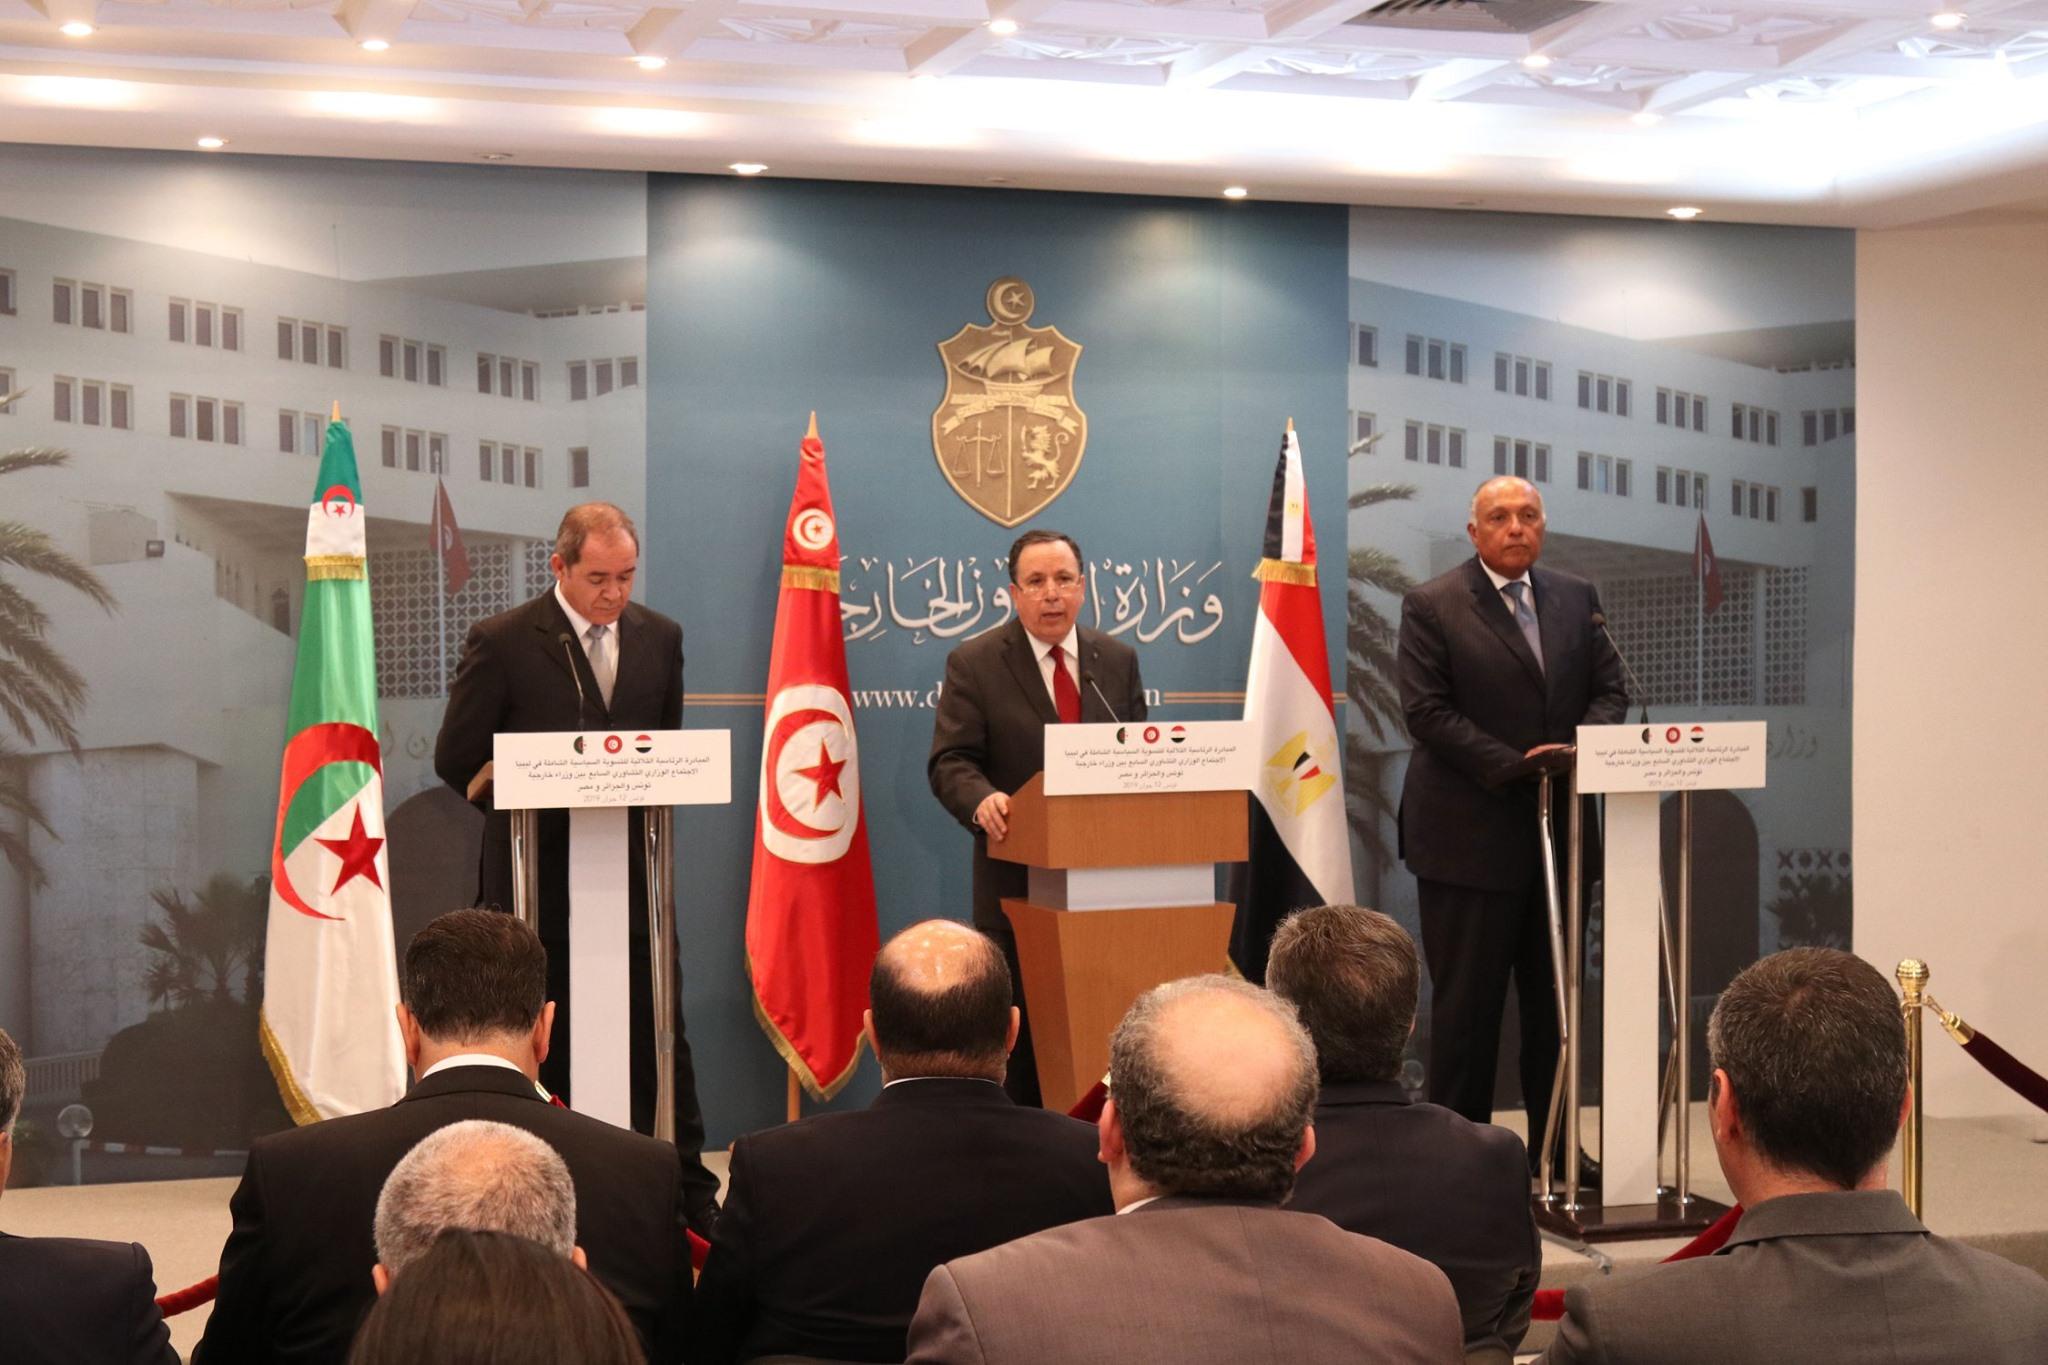 الملف الليبي: تفاصيل اجتماع وزراء خارجية تونس والجزائر ومصر